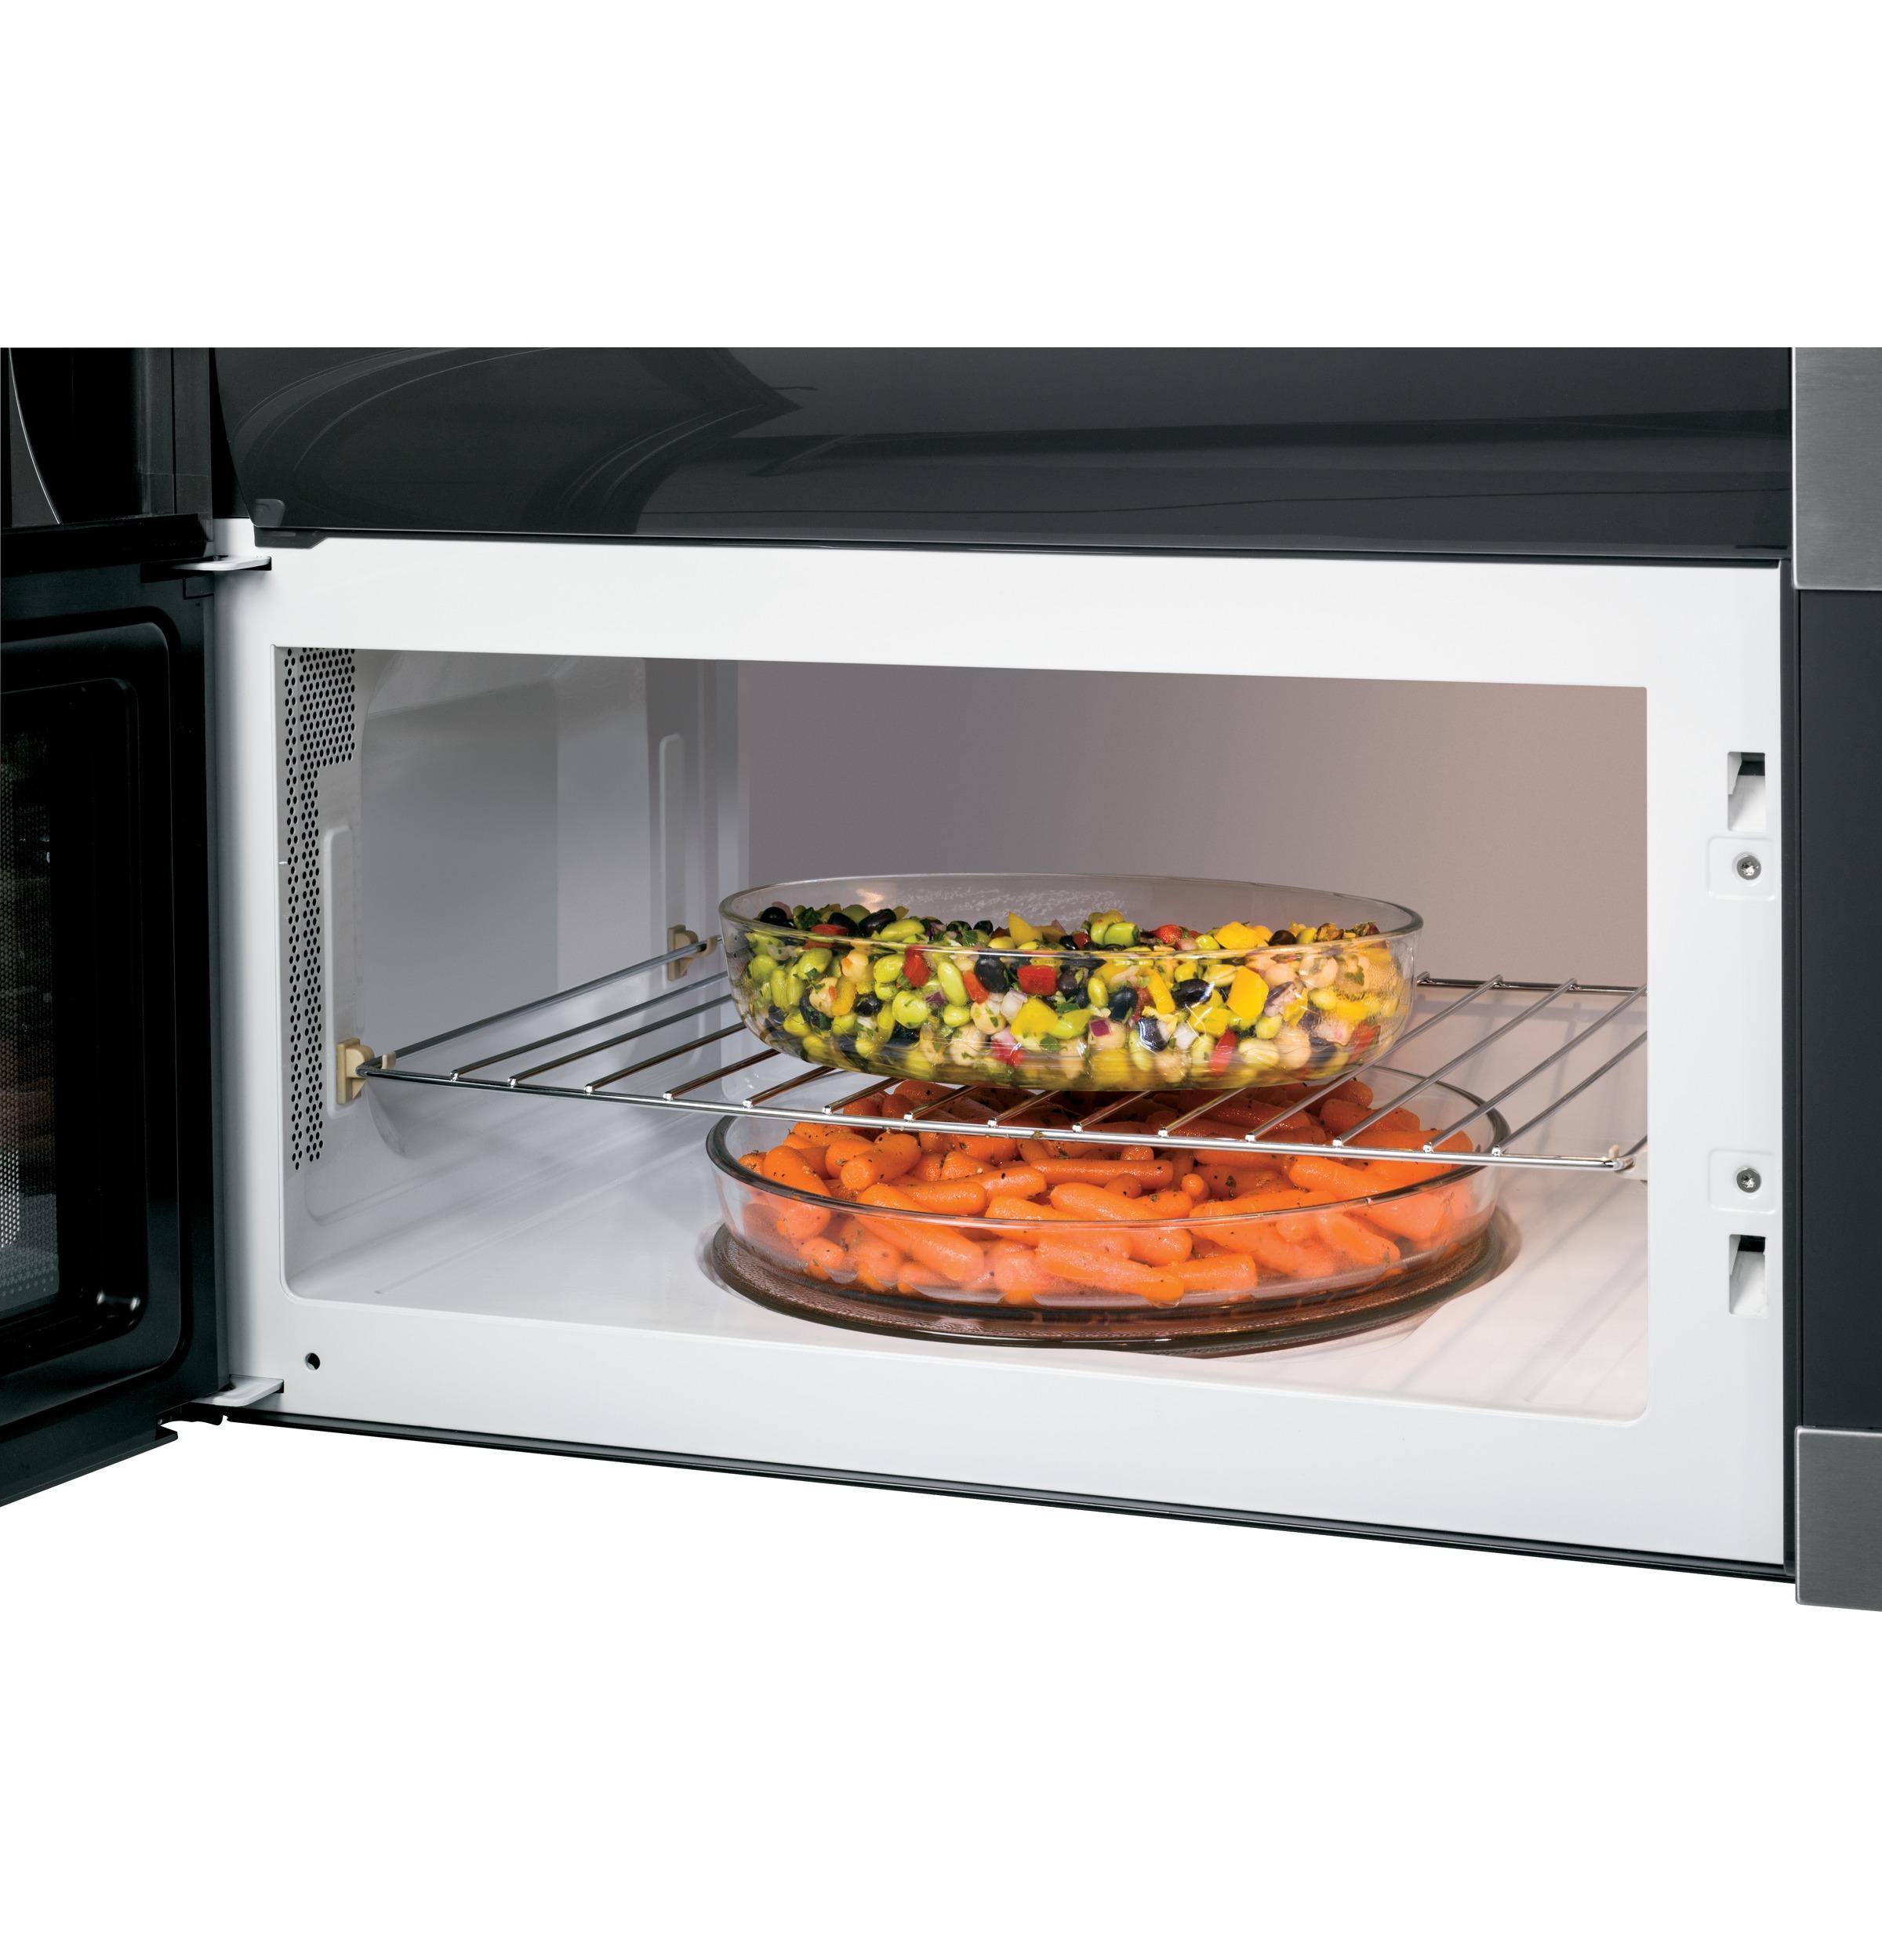 Microwave3